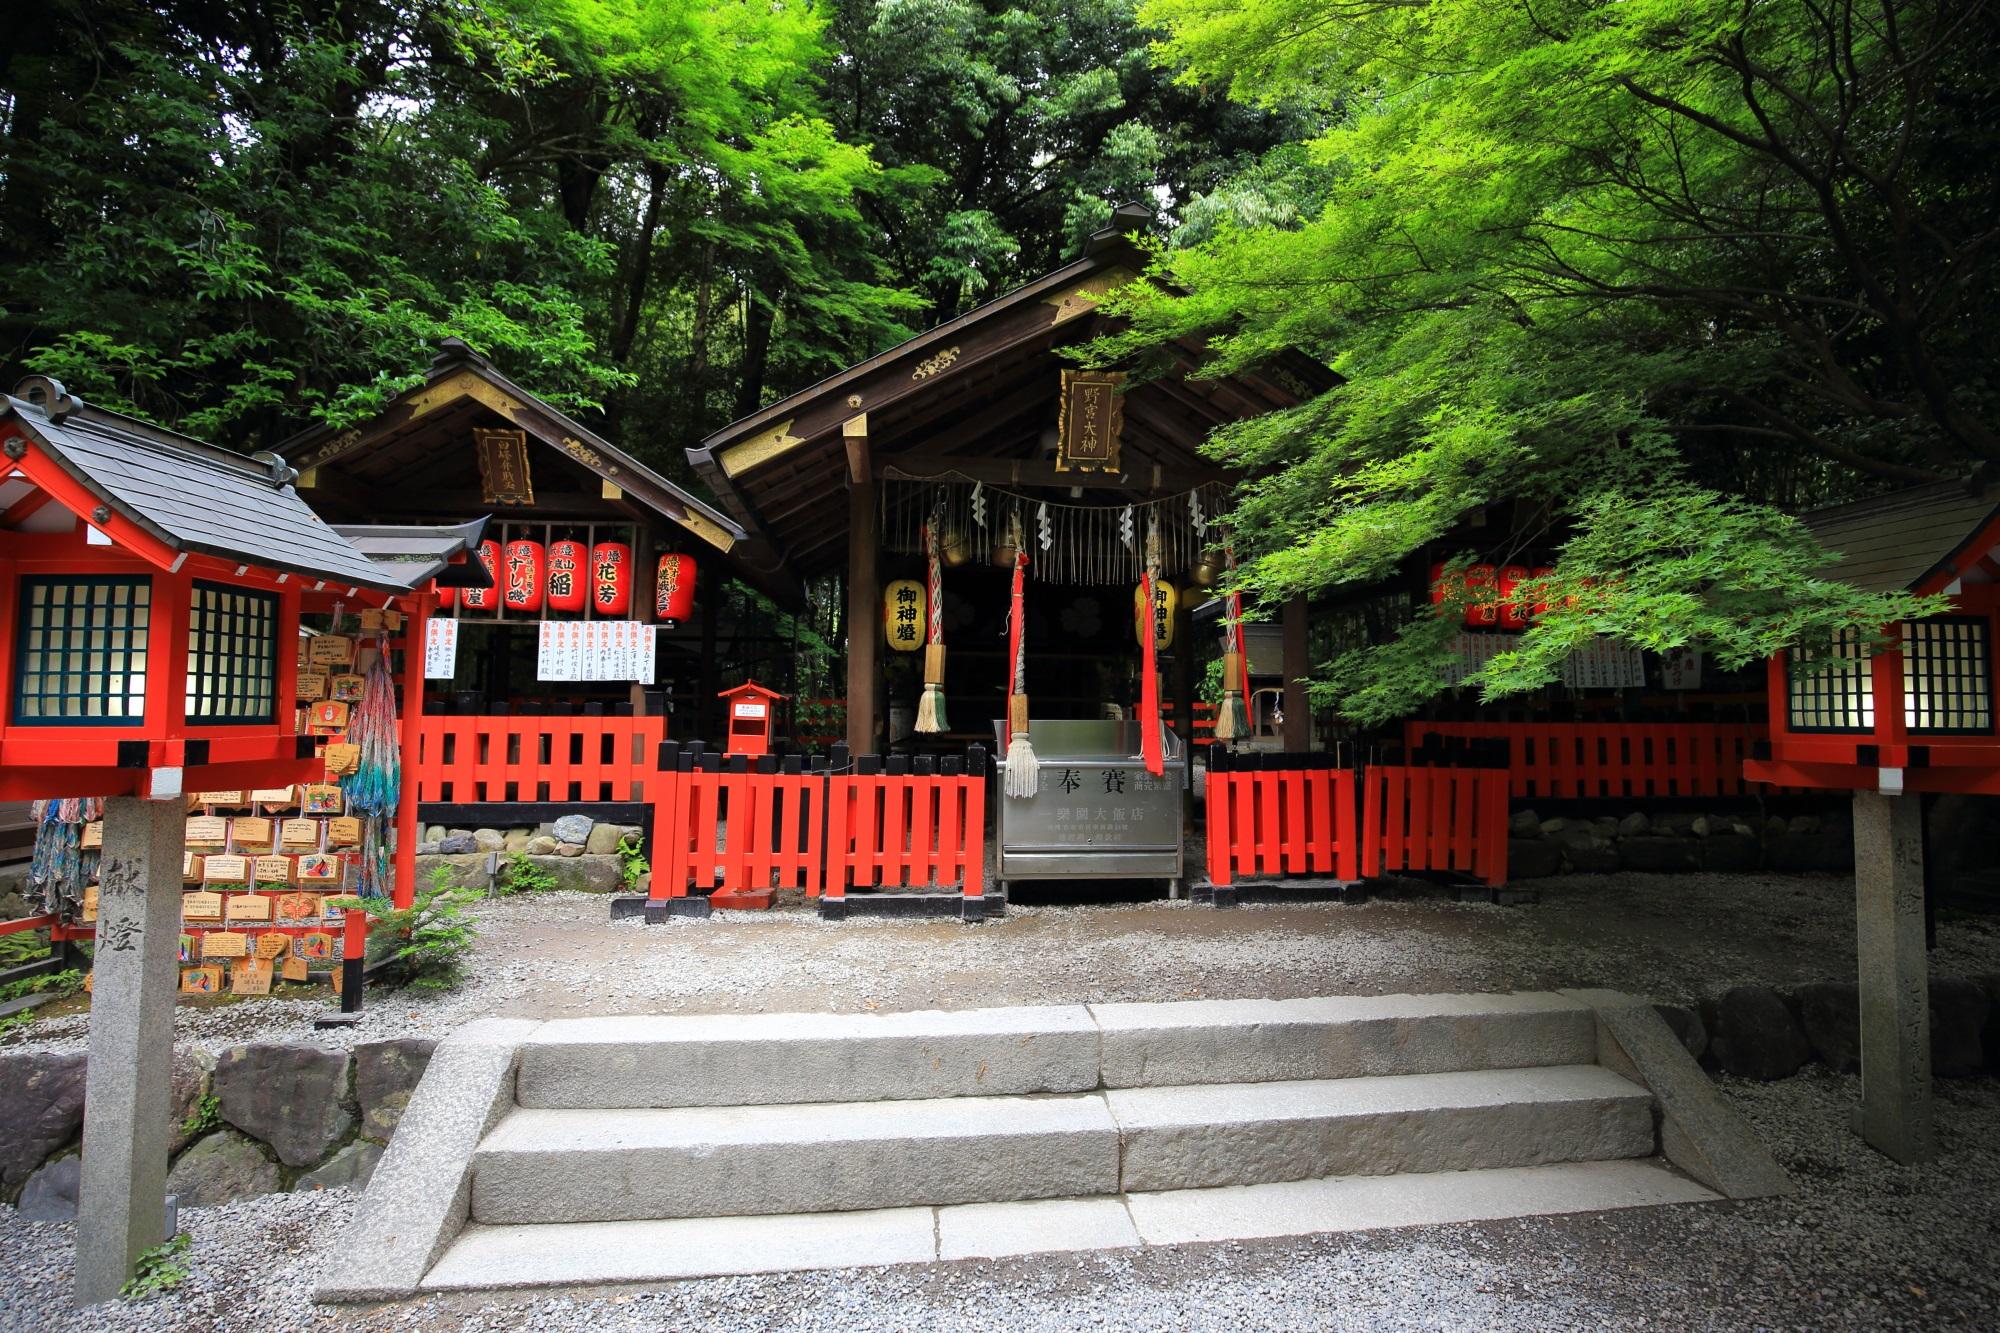 縁結びで知られる野宮神社(ののみやじんじゃ)の本殿と青もみじ